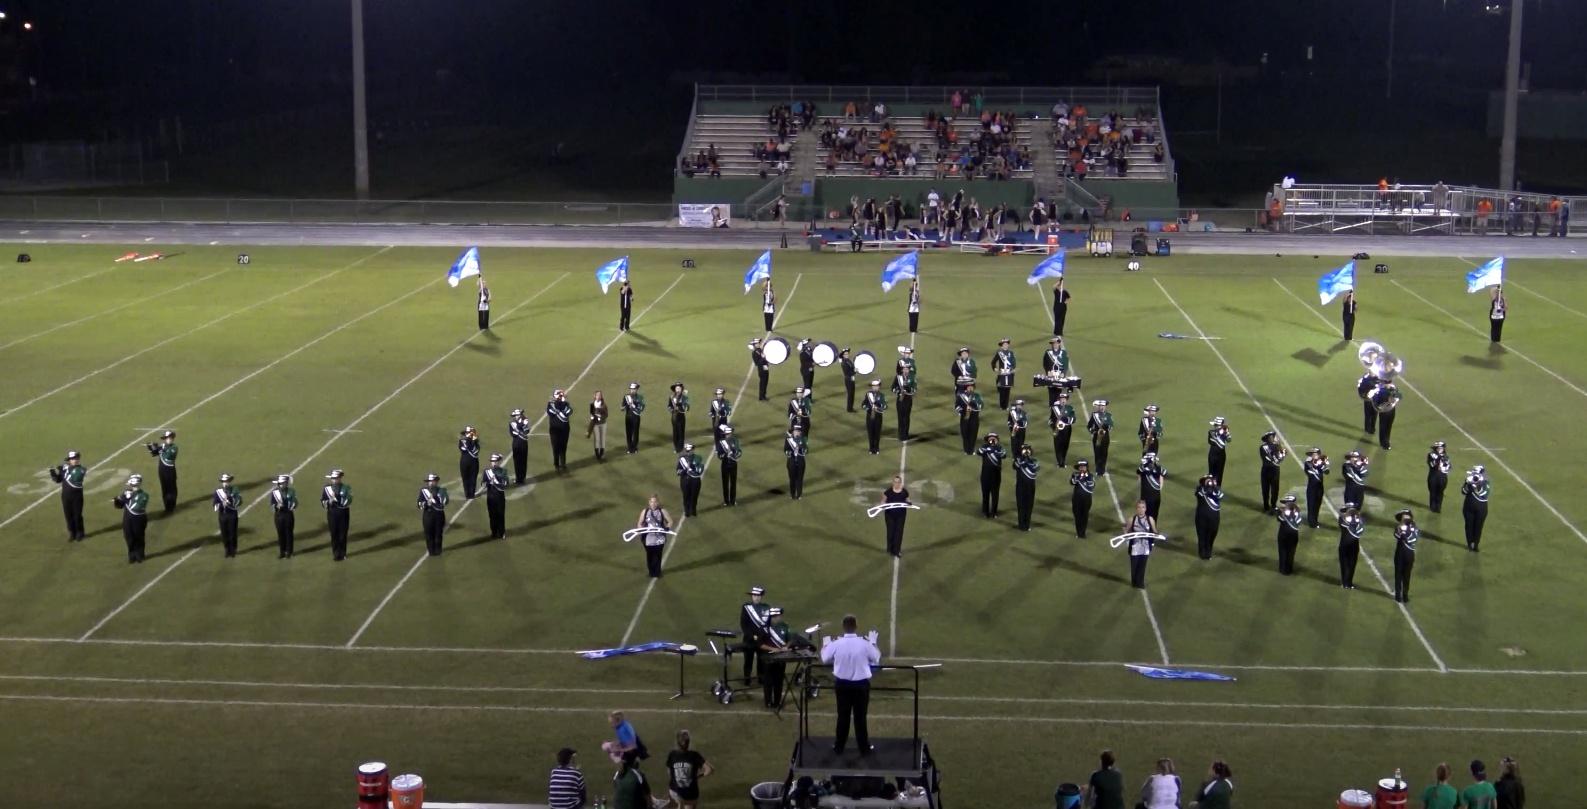 Buccaneer Band in 4K video!